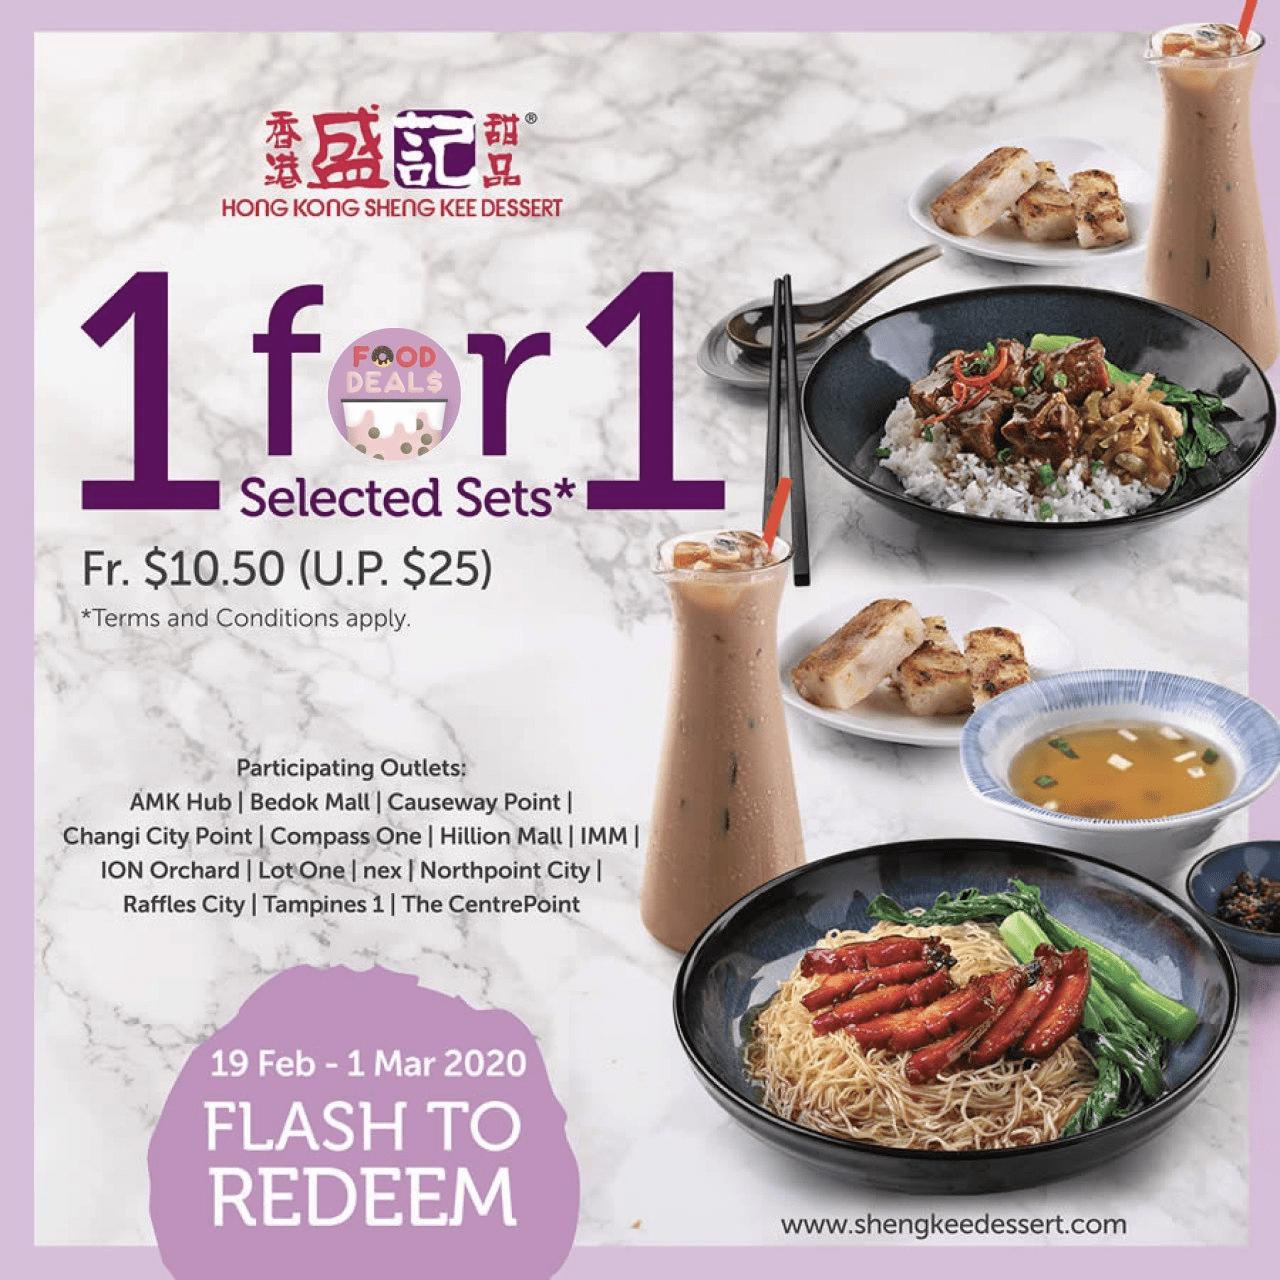 Hong Kong Sheng Kee Dessert 1-for-1 deals